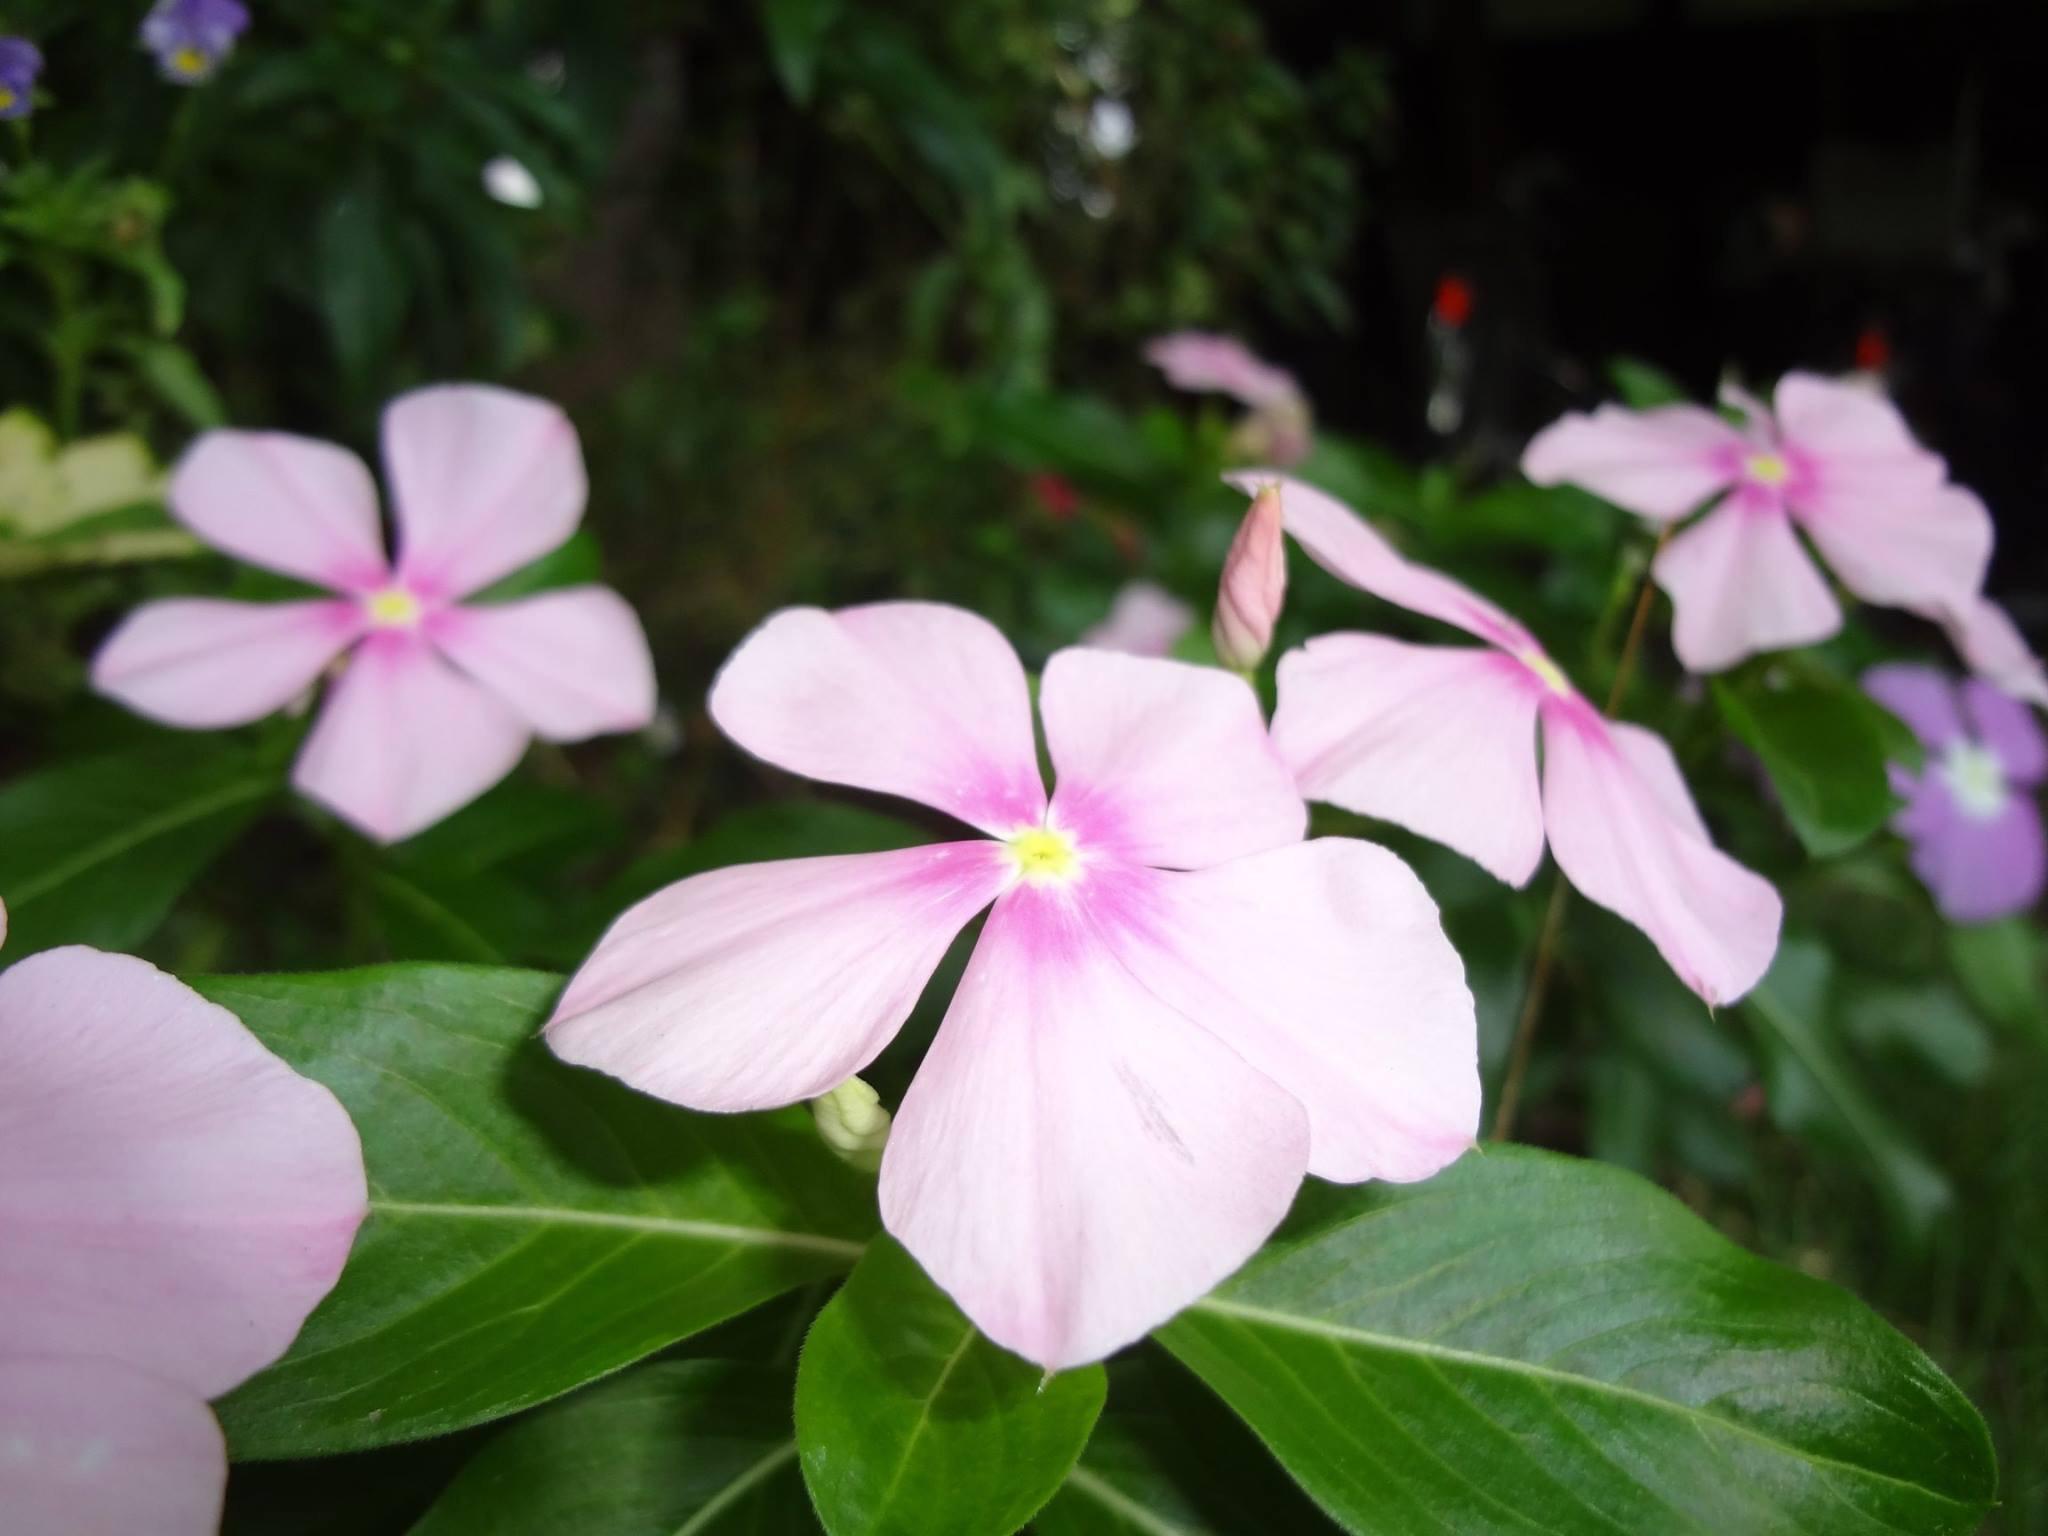 日々草(にちにちそう)の可愛らしい花も、たくさん咲いています。